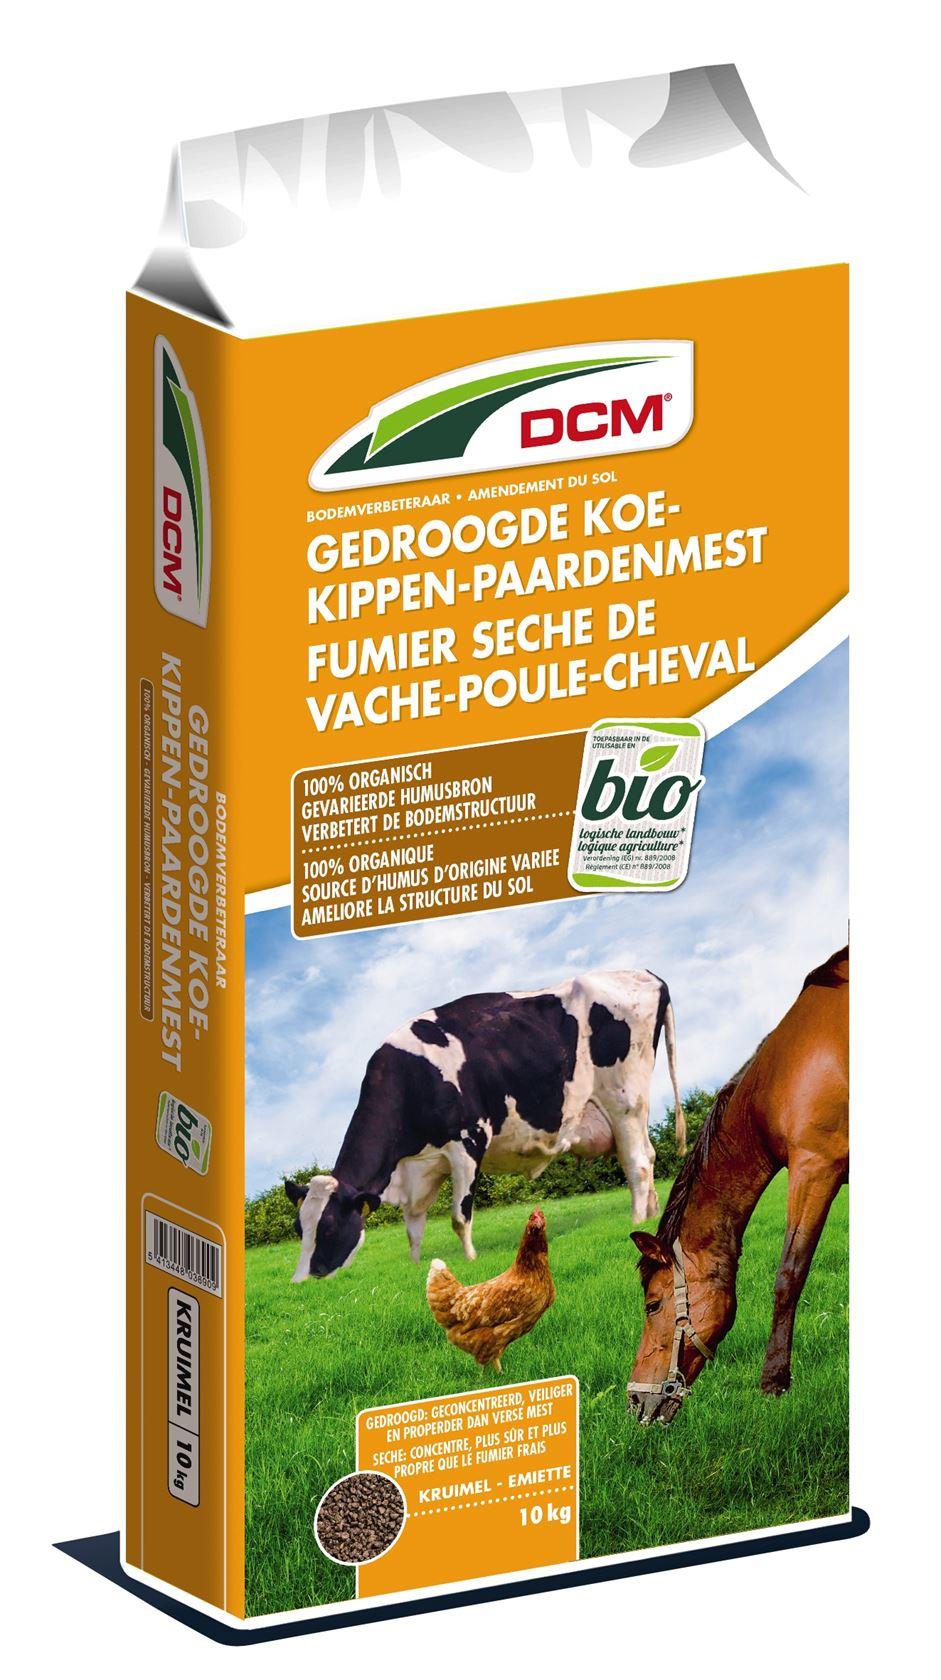 Gedrooge-koemest-kippenmest-paardenmest-10kg-Bio